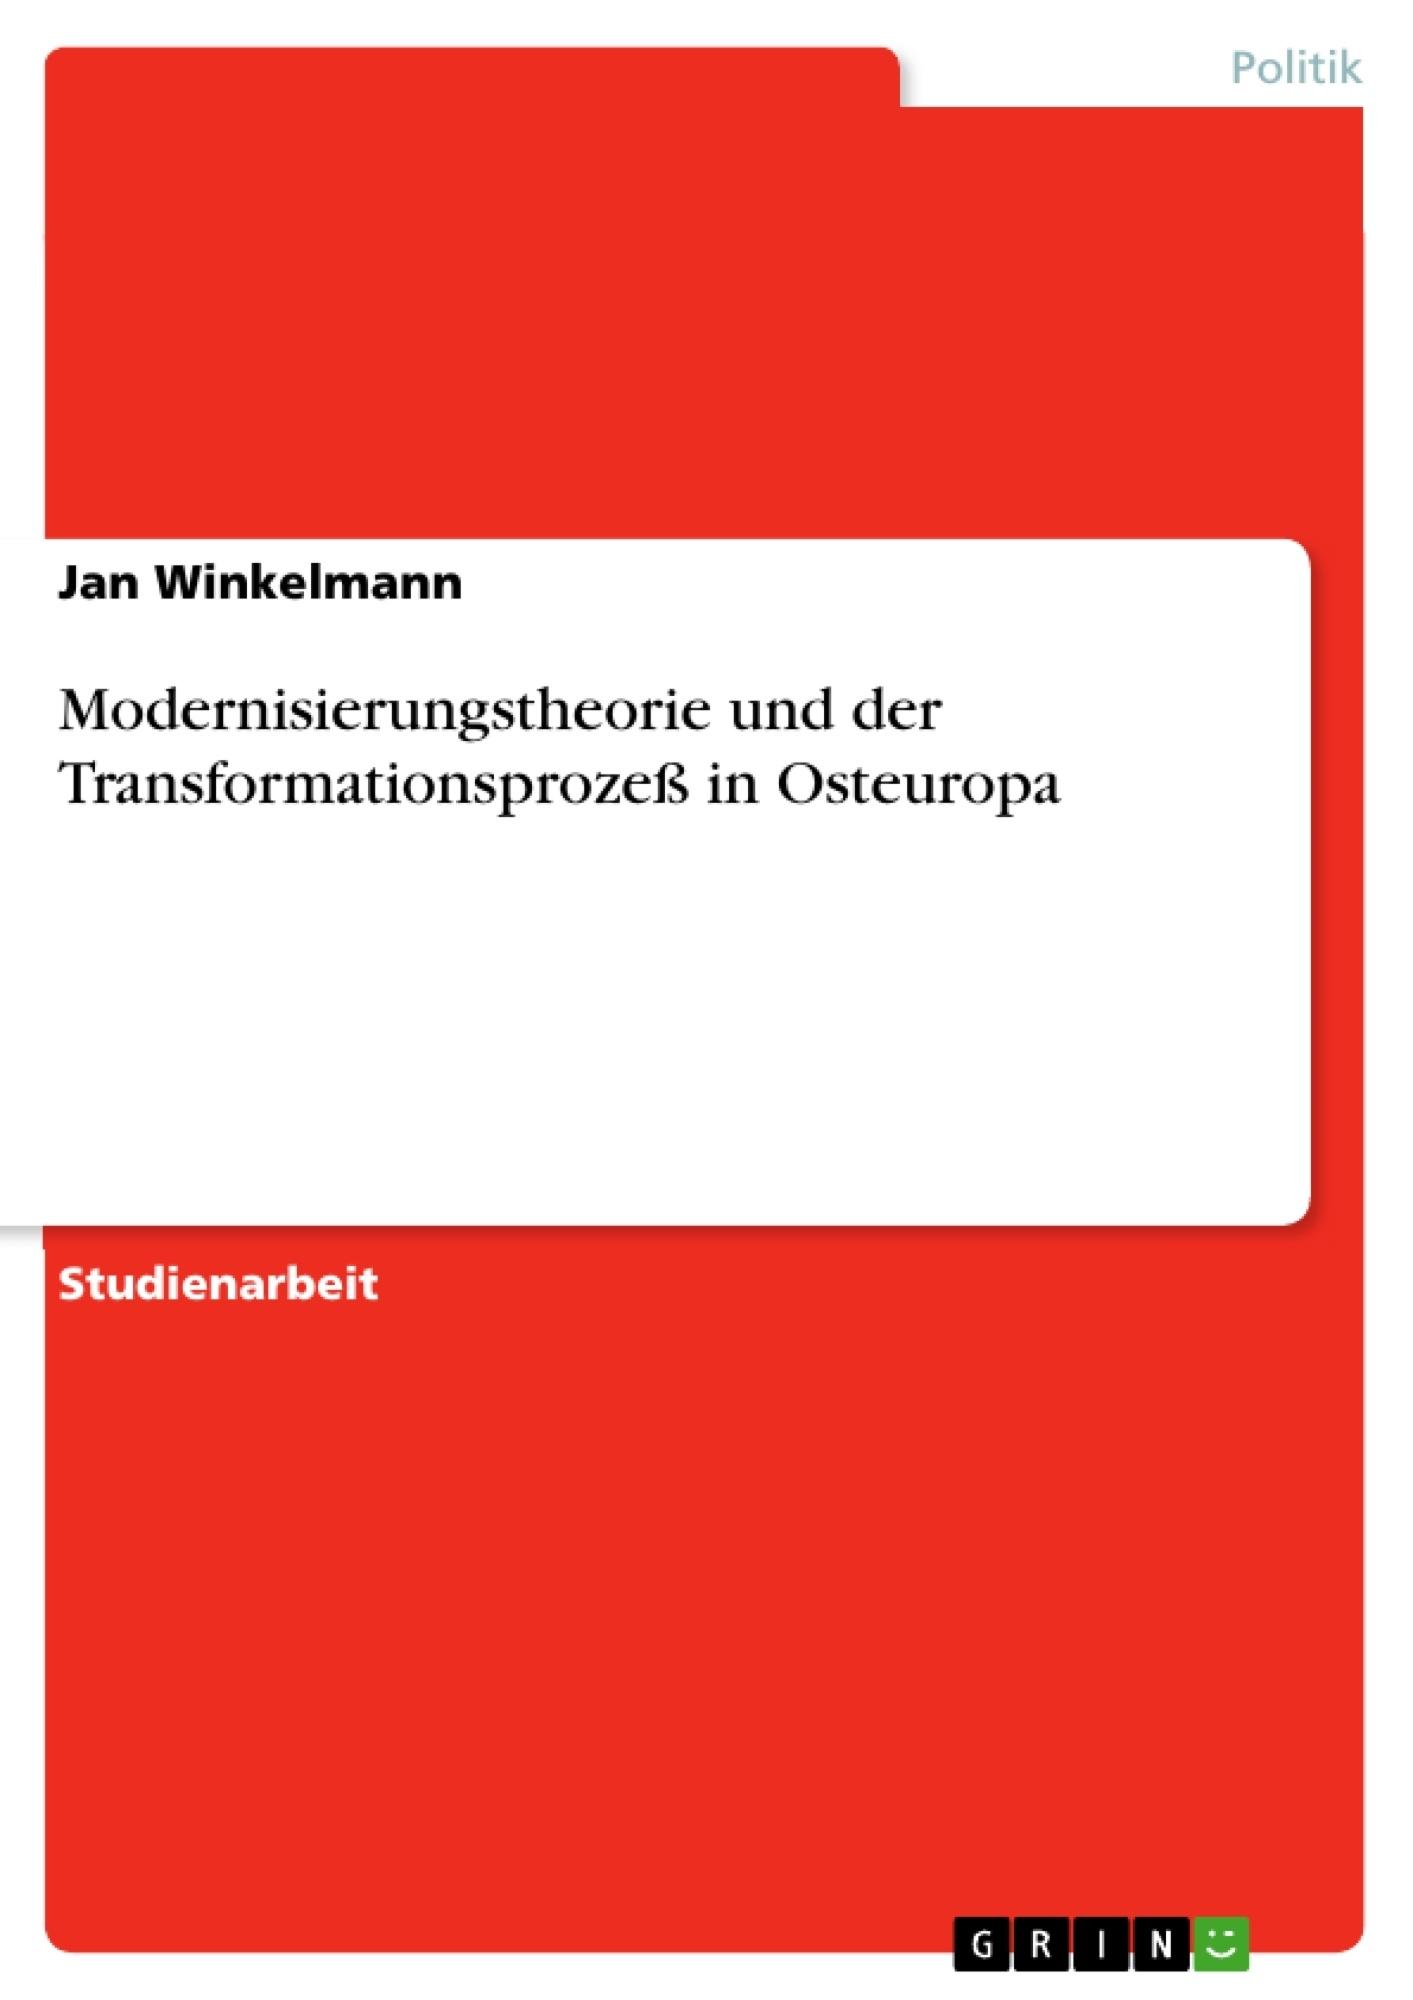 Titel: Modernisierungstheorie und der Transformationsprozeß in Osteuropa